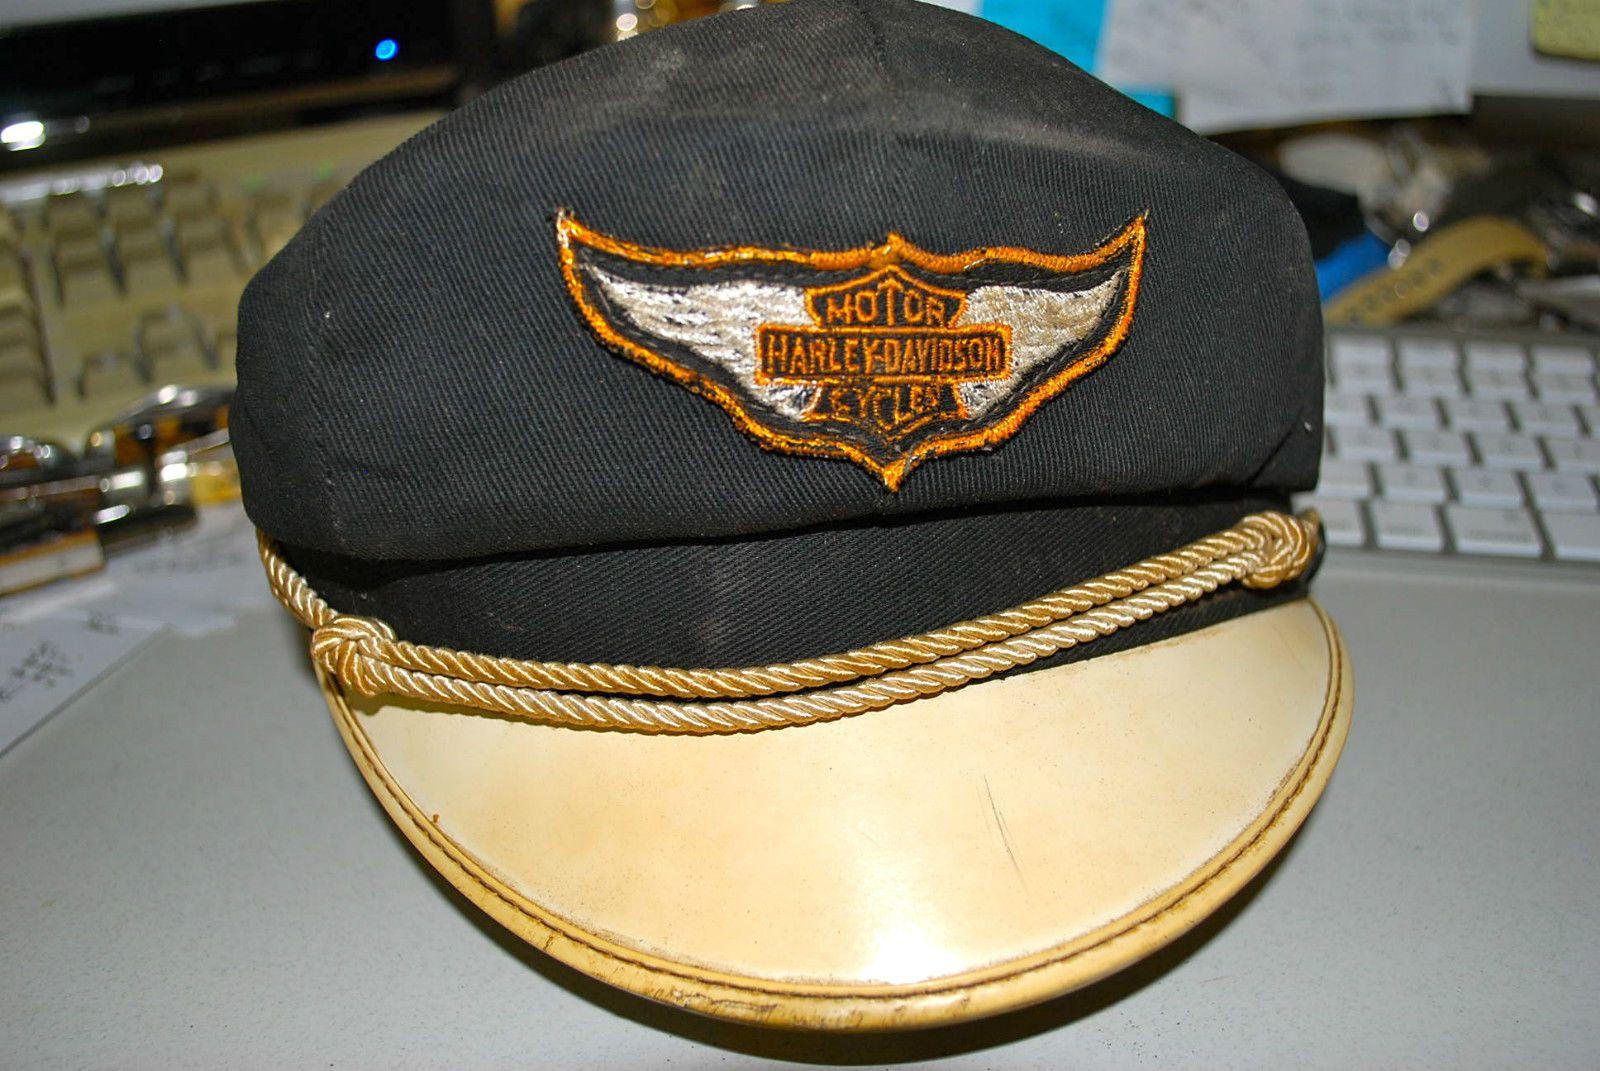 Vintage Leather Harley Davidson Captain's Hat  |Vintage Harley Davidson Hats